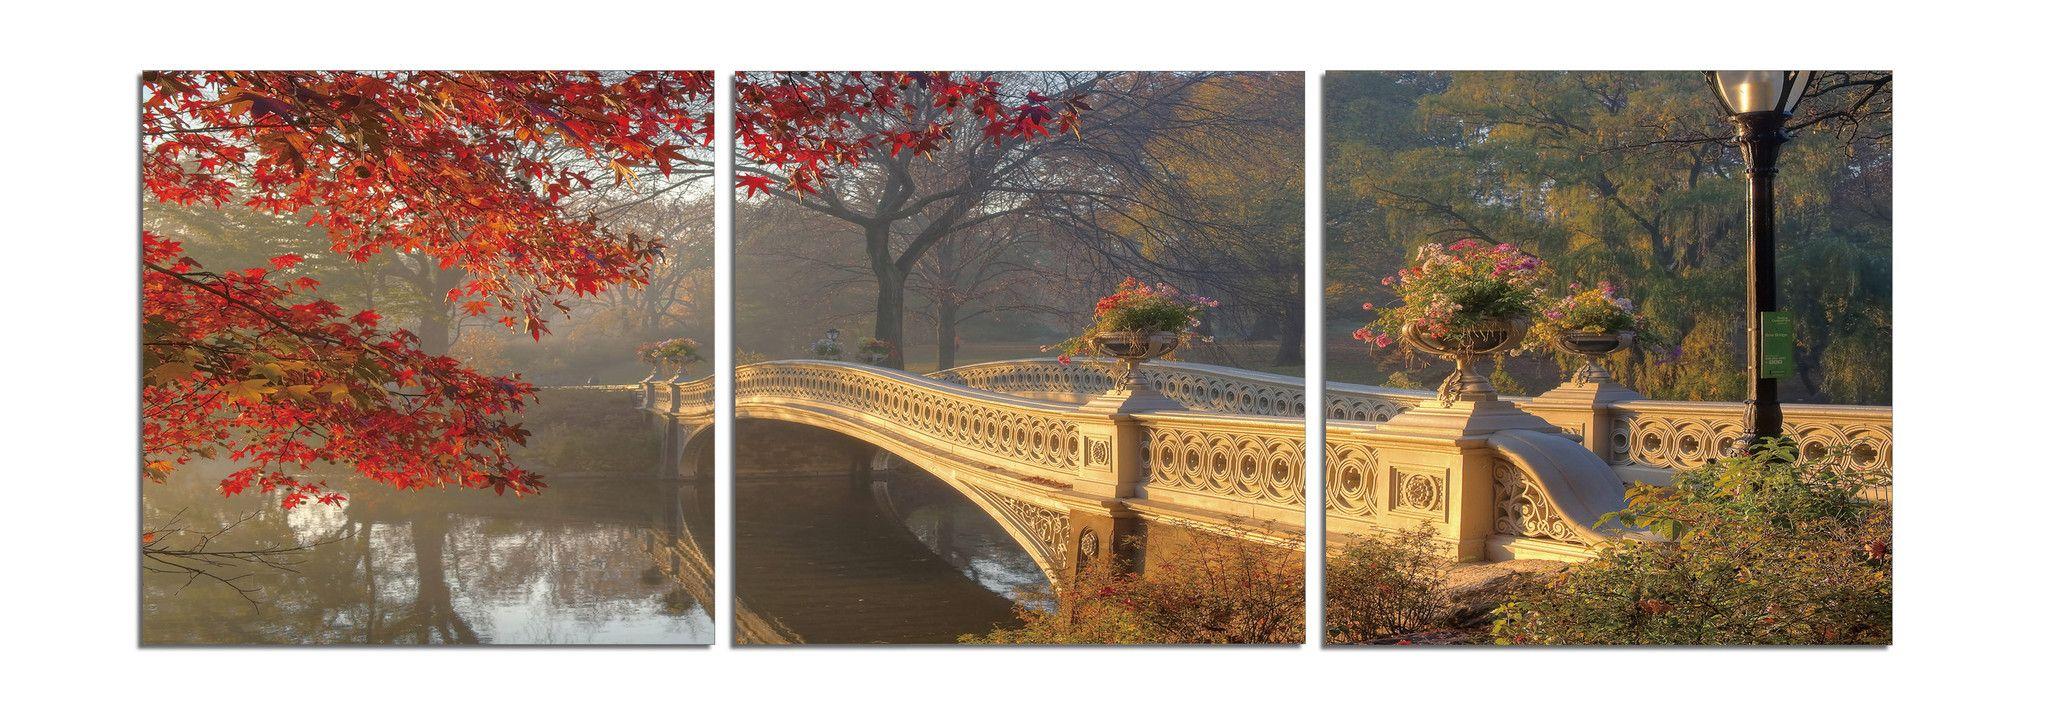 Central Park | Parchi, Parco centrale e Paesaggio autunnale - Central Park